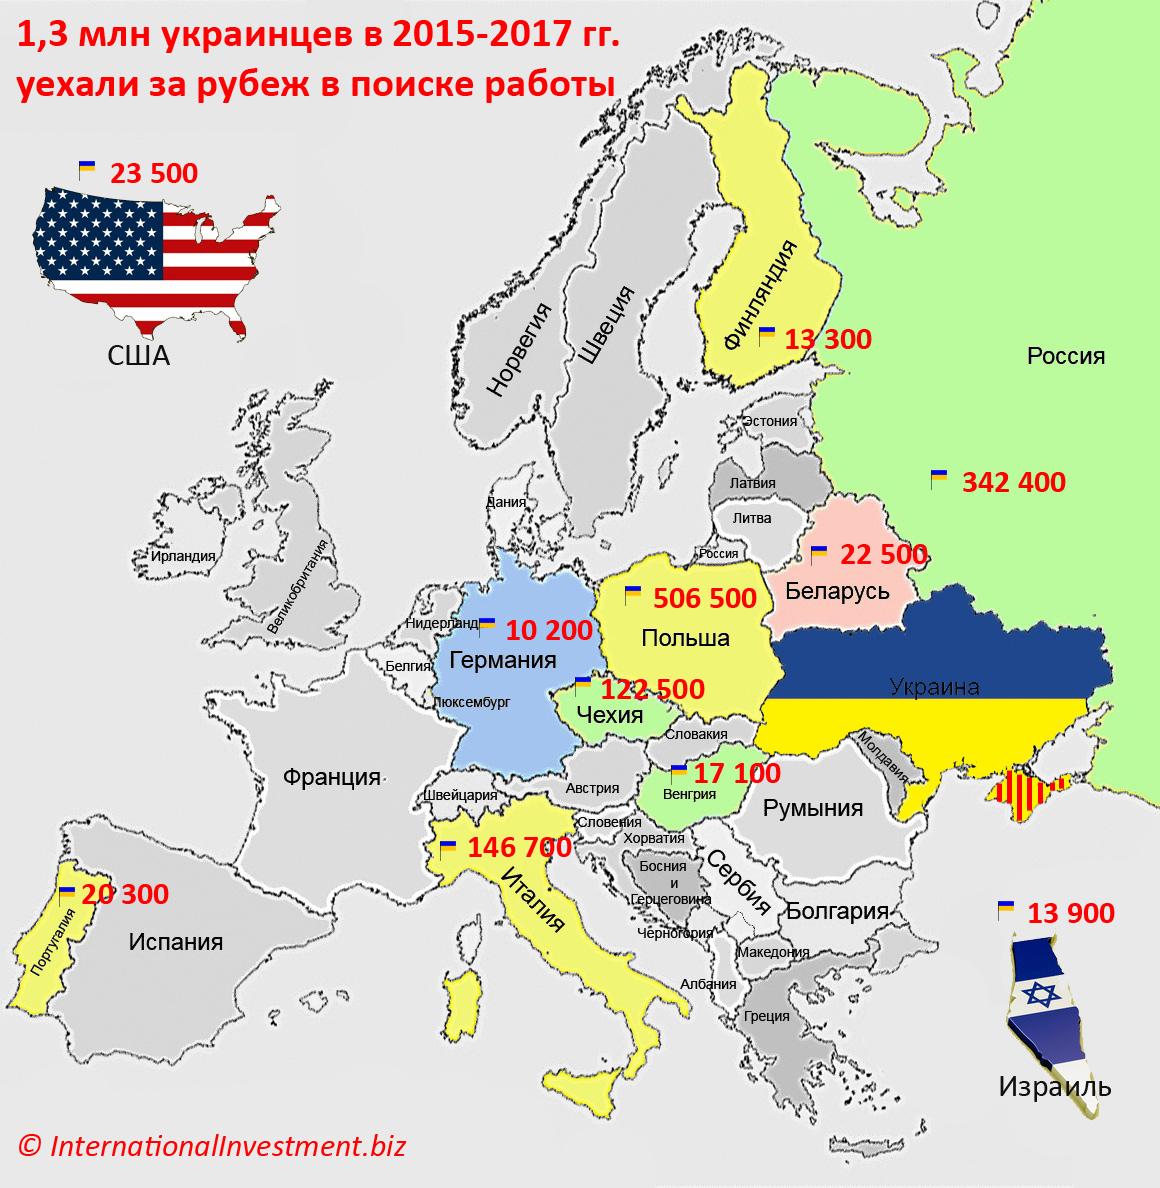 Сколько украинцев проживает в россии